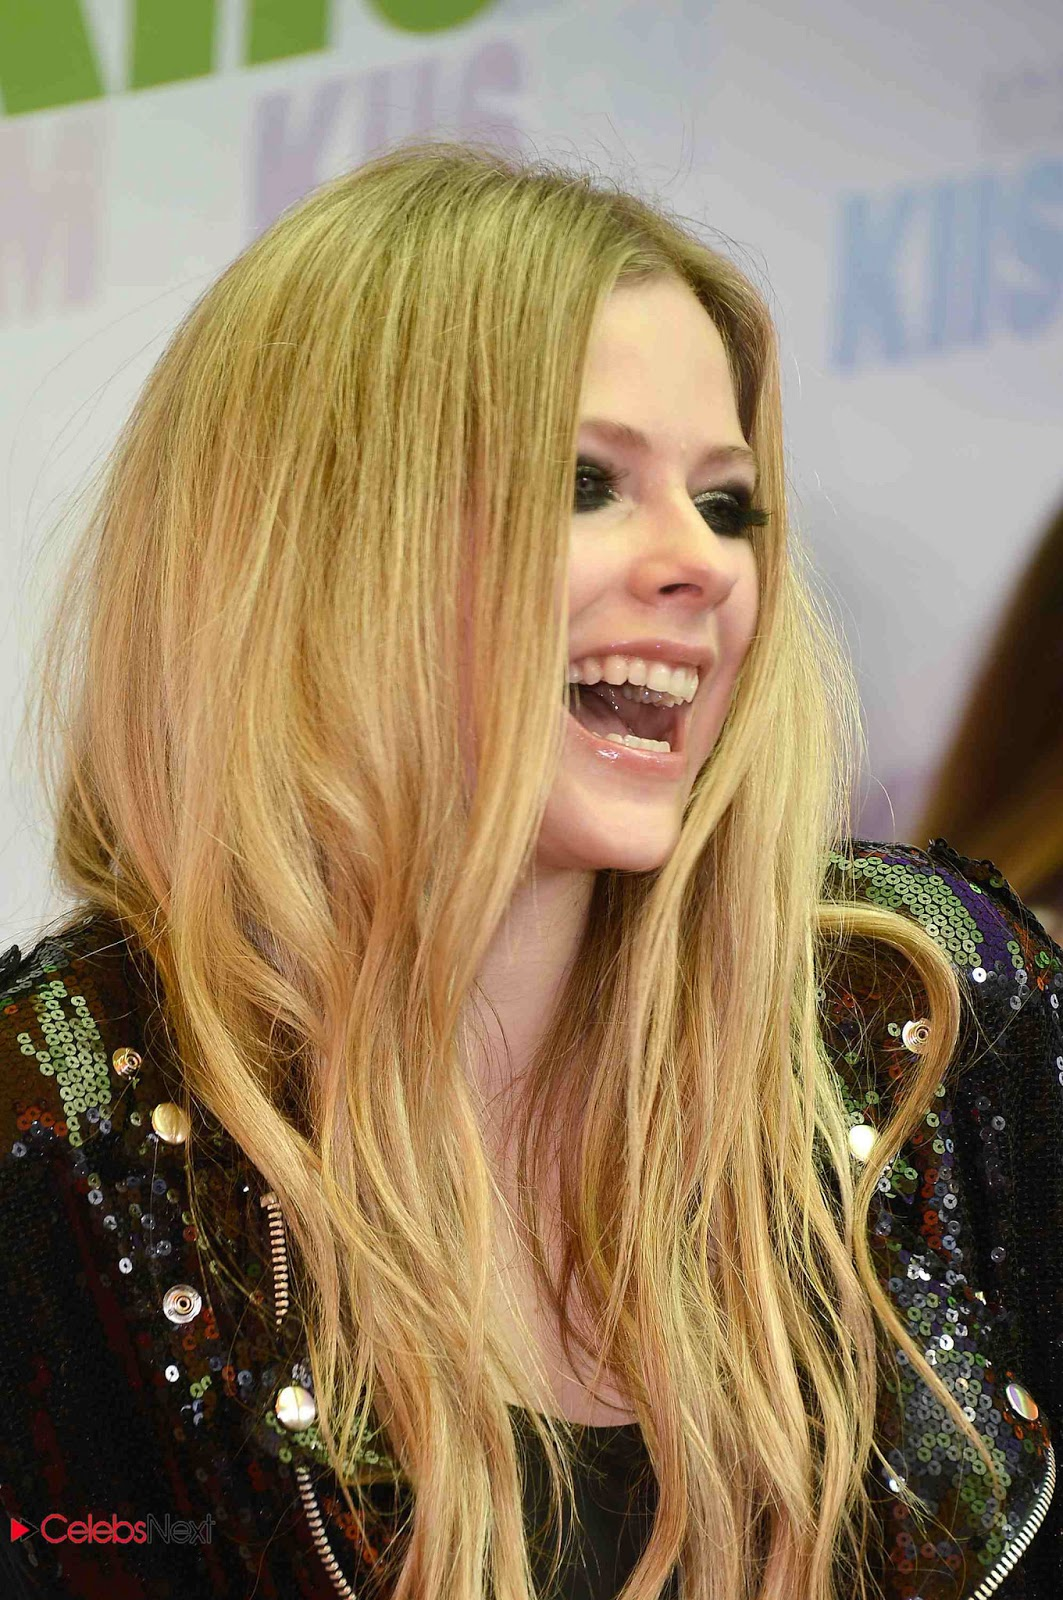 Avril Lavigne Photos at 2013 102.7 KIIS FM's Wango Tango Avril Lavigne